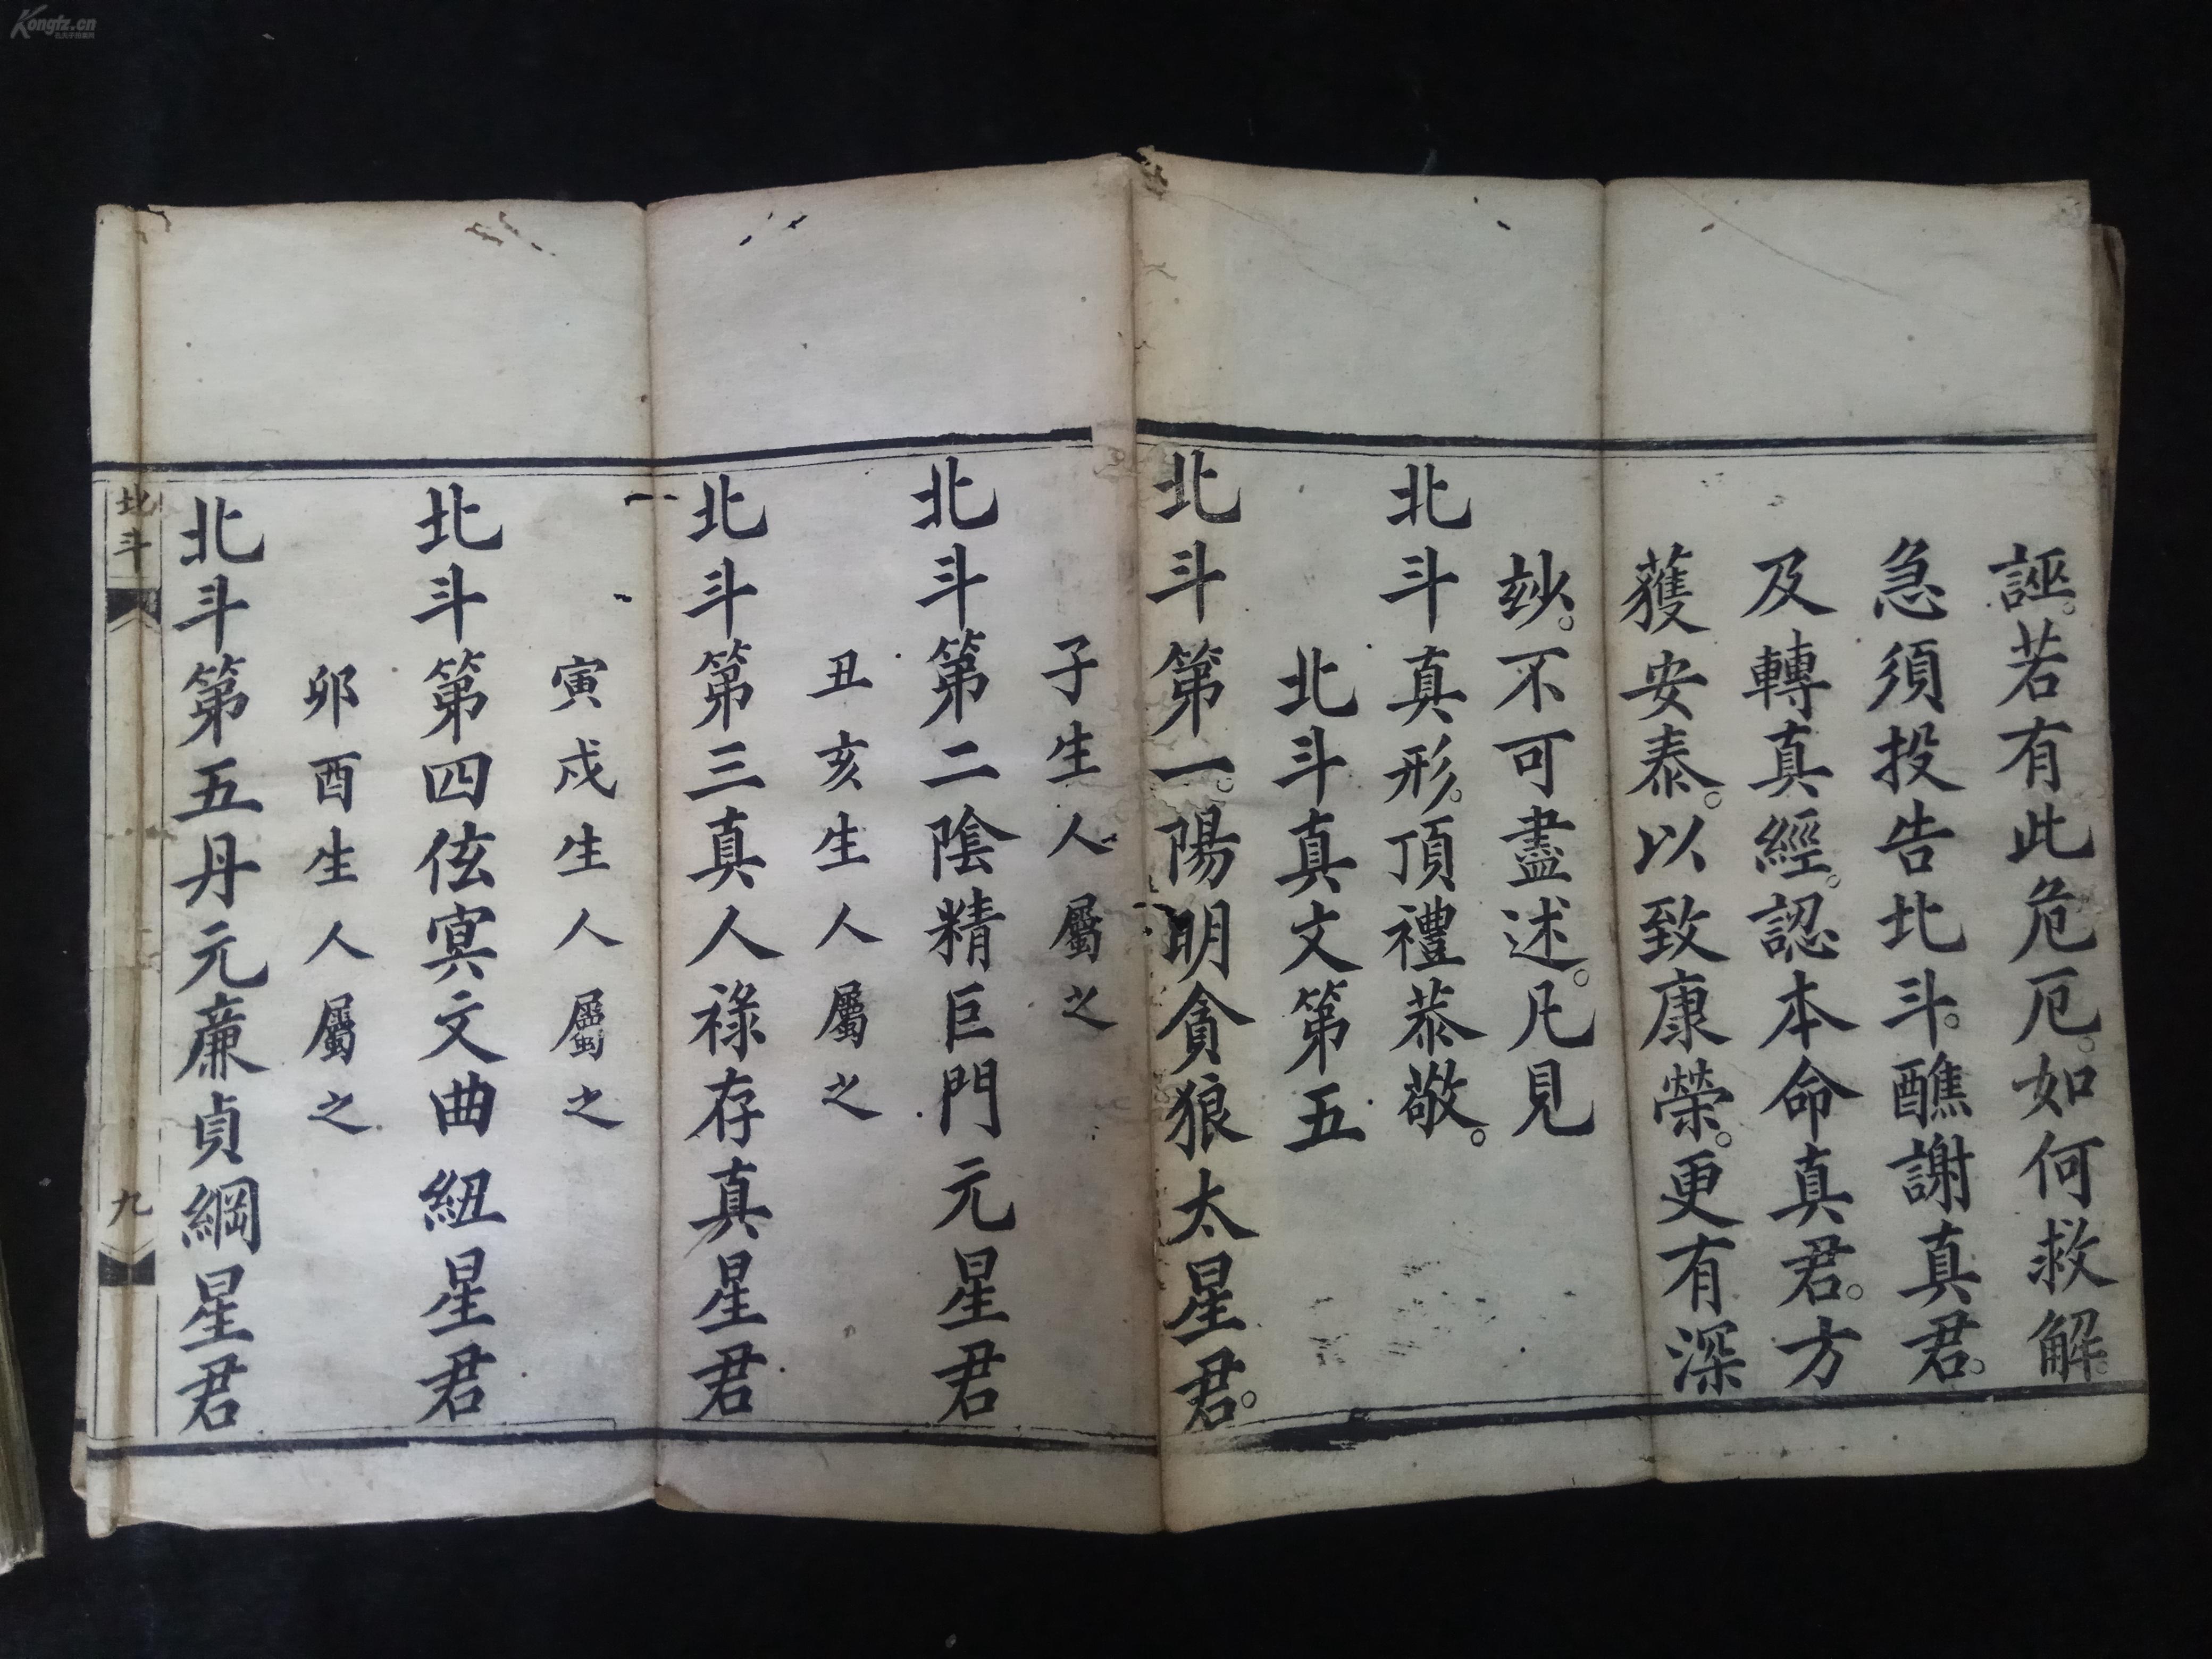 一册全,简称《北斗经》,收于《正统道藏》洞神部本文类.